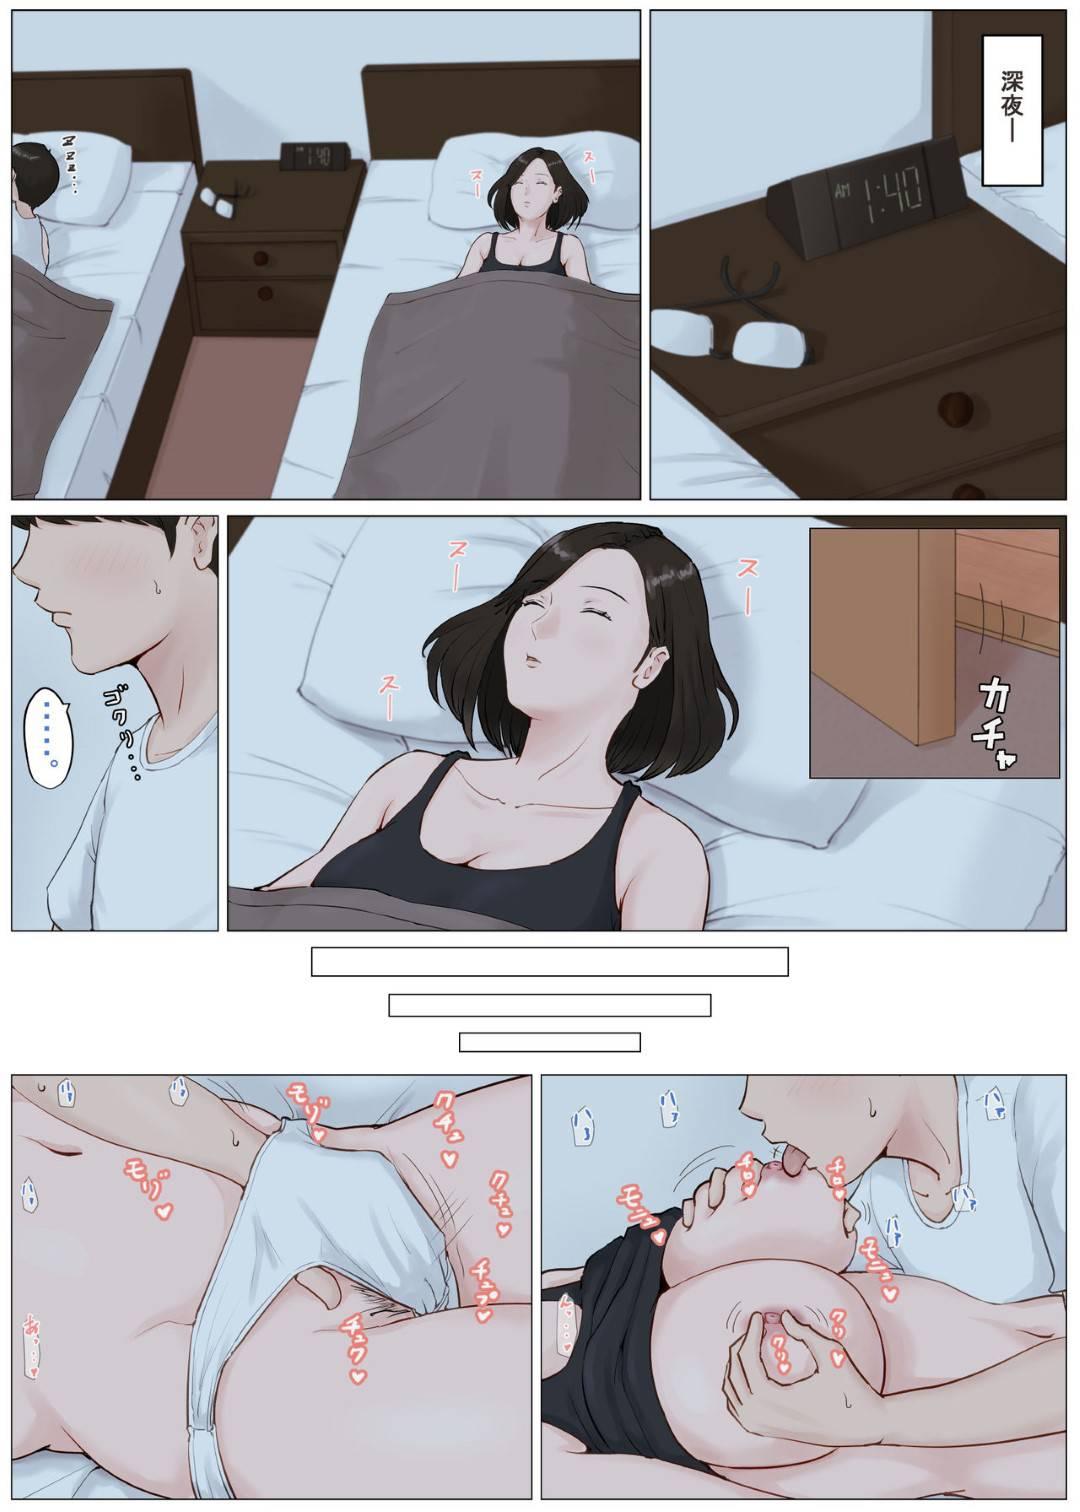 【母息子近親相姦フルカラーエロ漫画】息子におっぱいを吸いたいと甘えられた母は甘やかして授乳手コキをすると中出しセックスでアクメする【ほーすている】